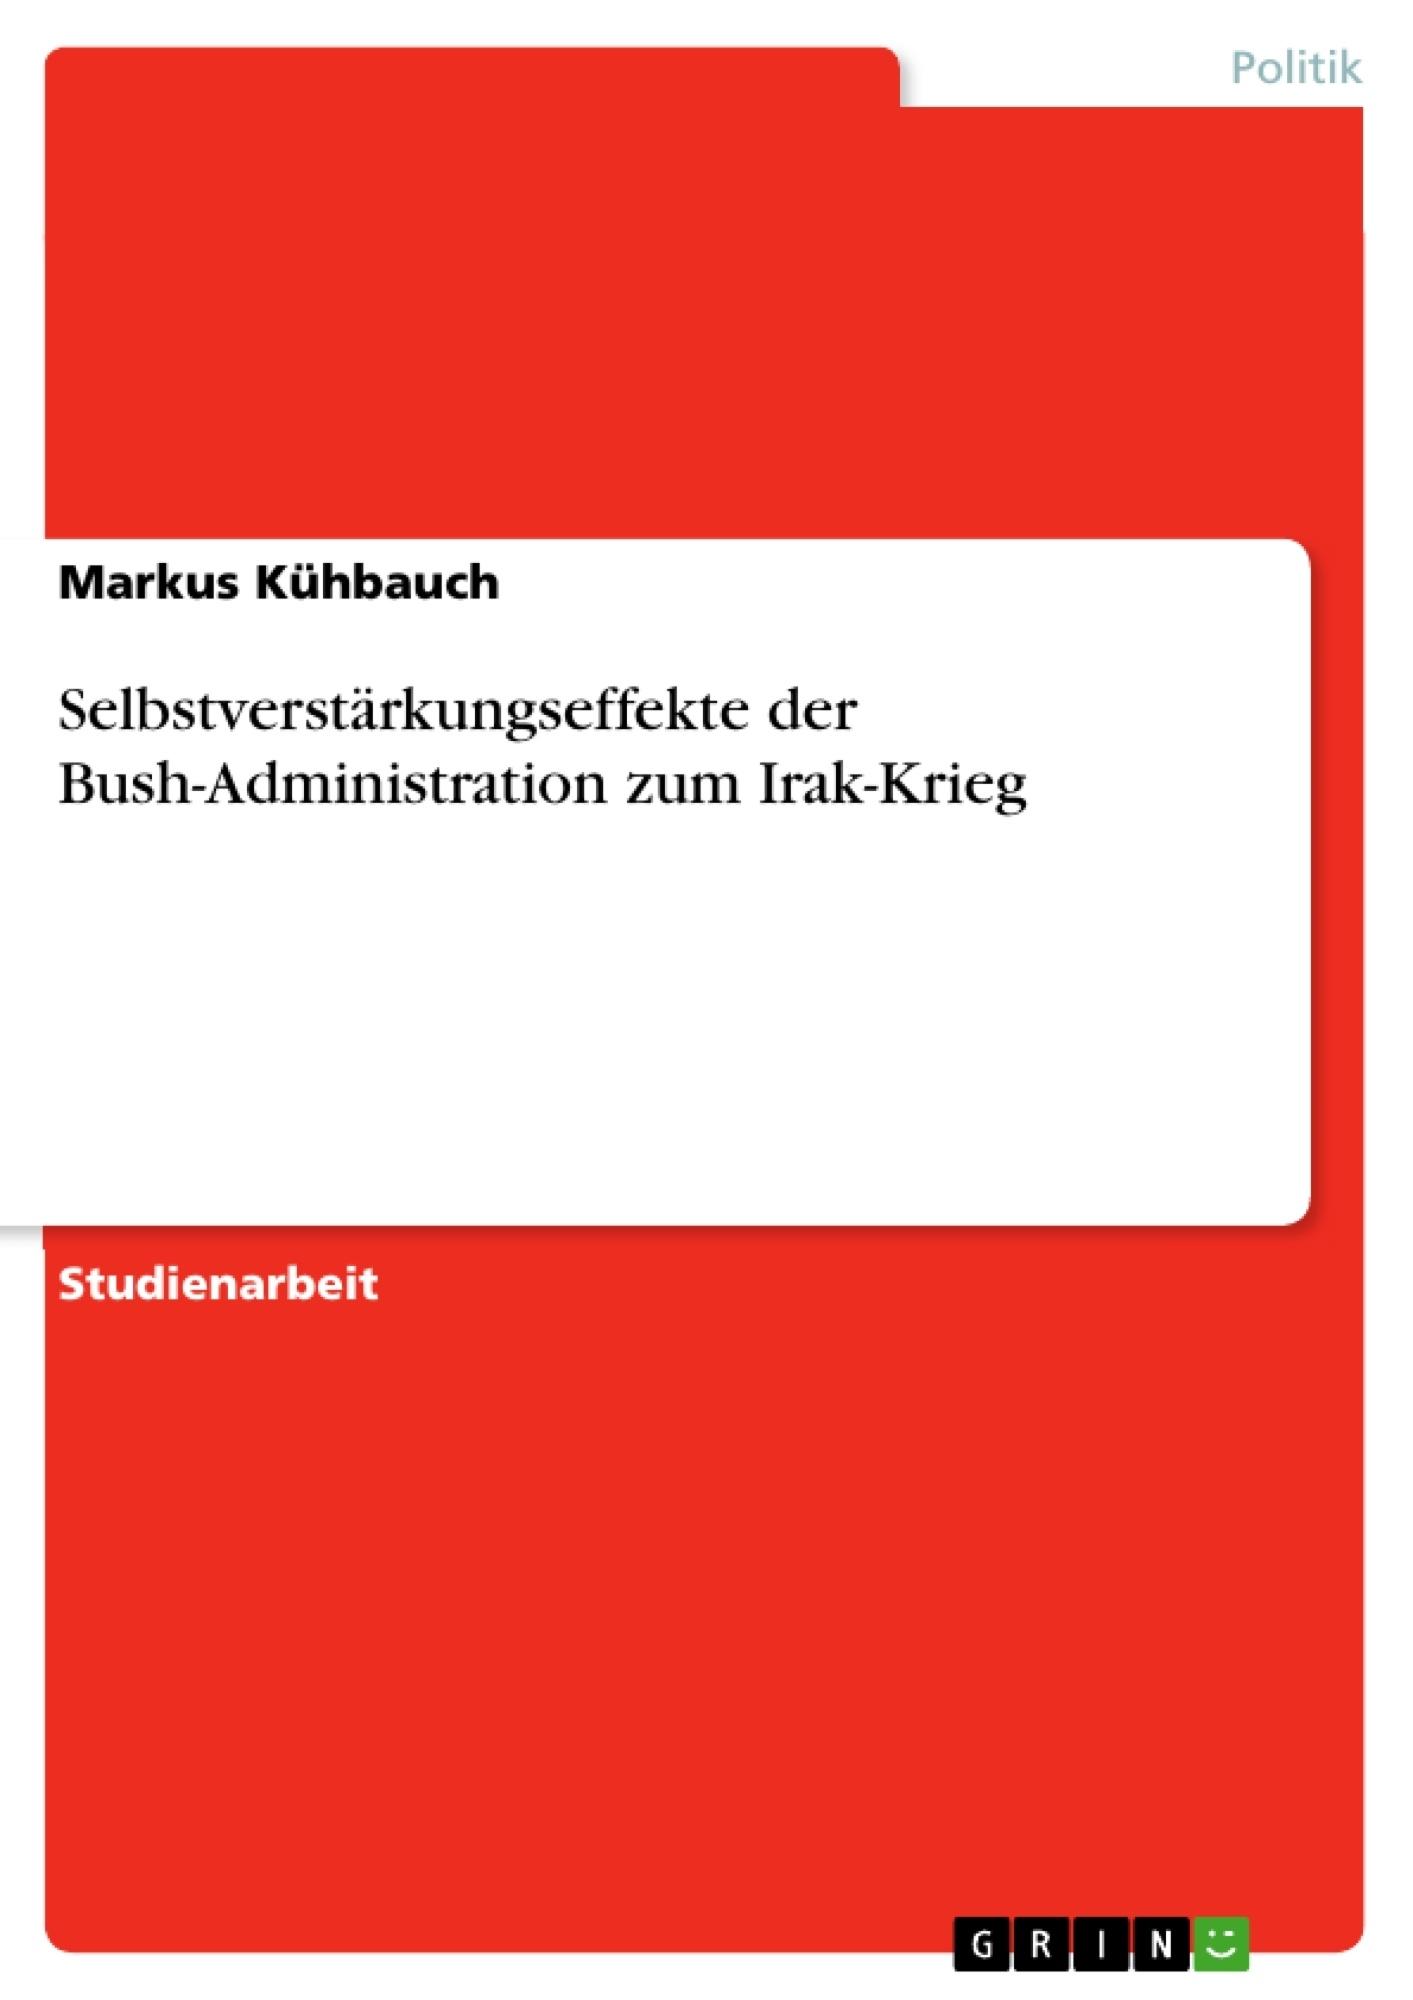 Titel: Selbstverstärkungseffekte der Bush-Administration zum Irak-Krieg